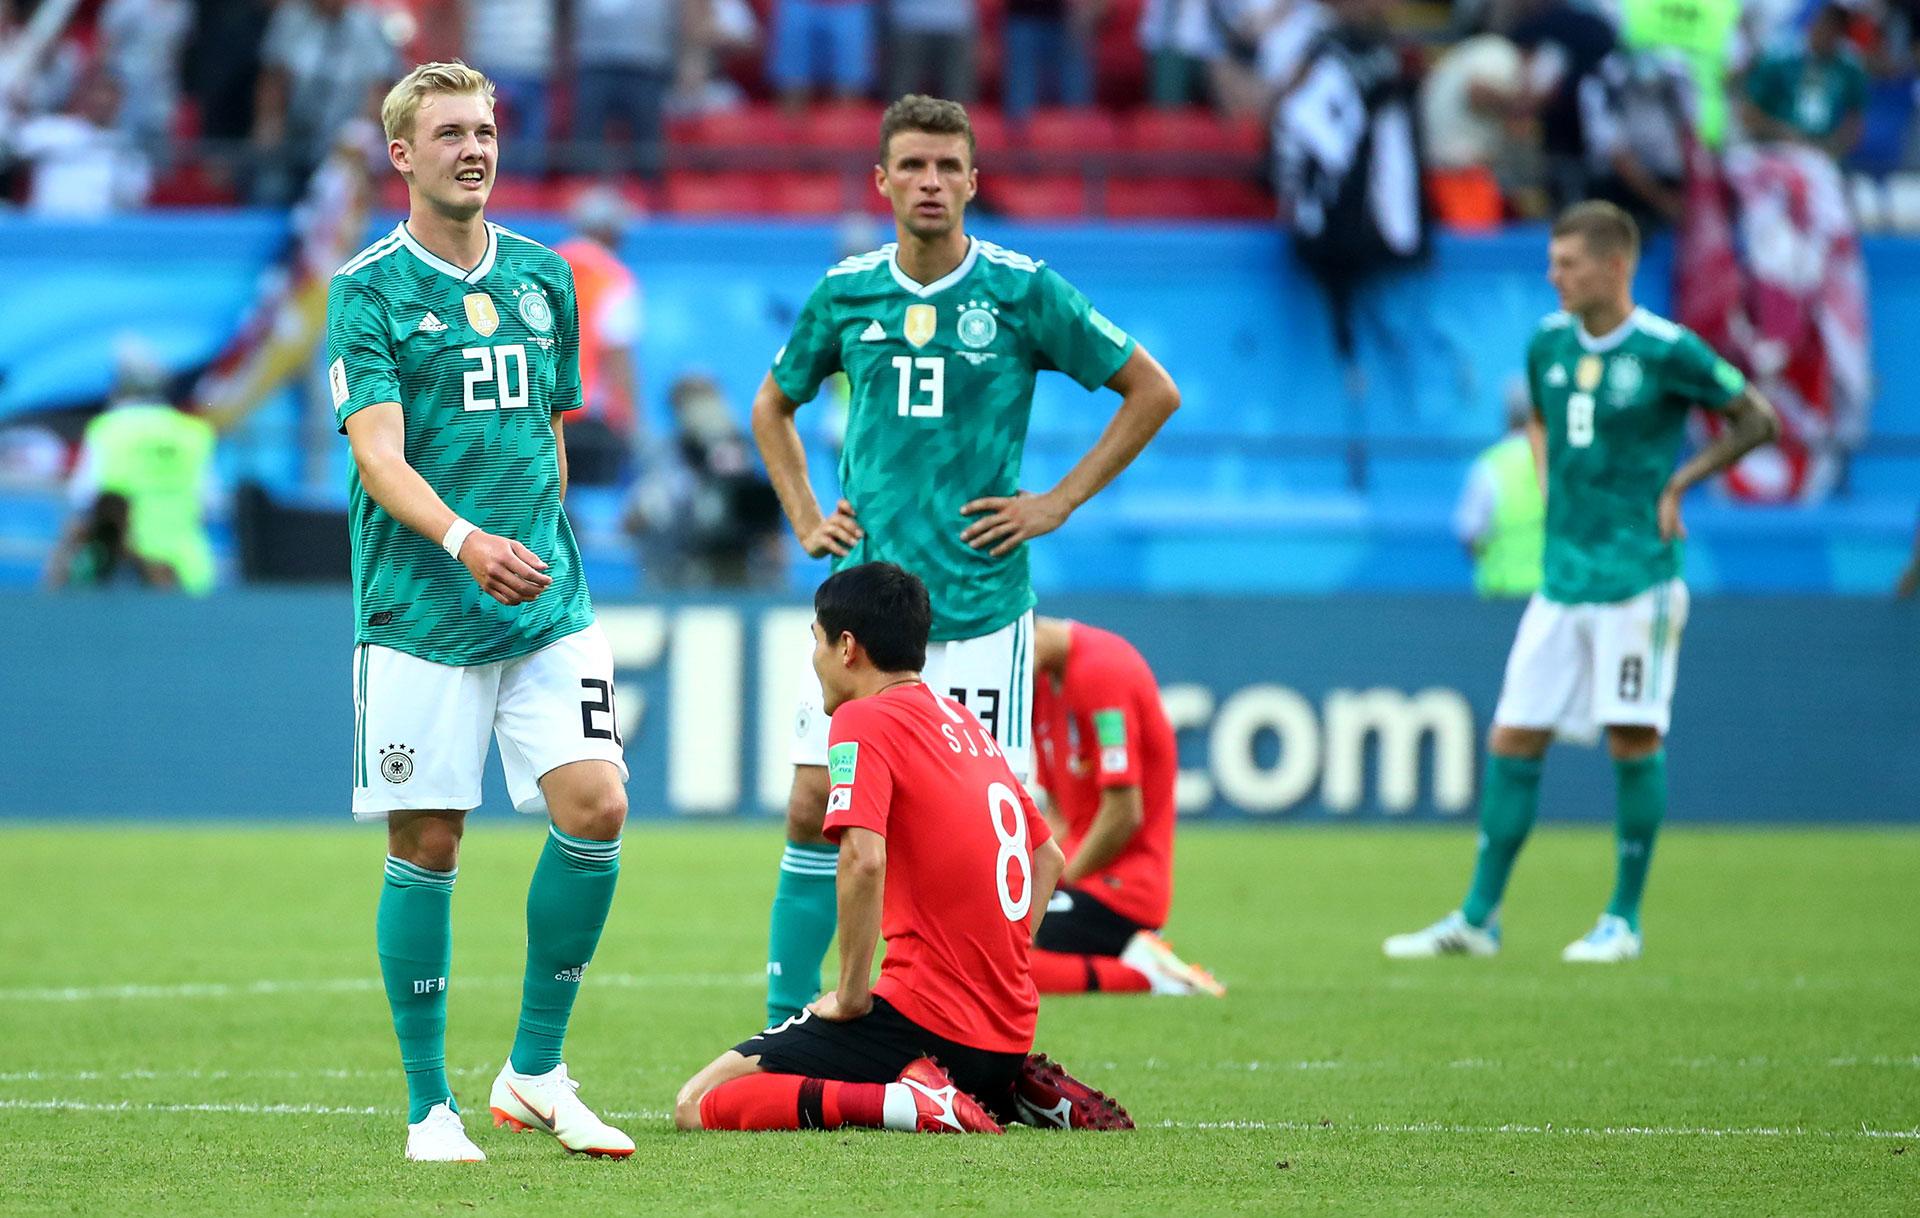 Brandt mira el cartel y no puede creer lo que ve: Corea del Sur 2 – Alemania 0 (Reuters)